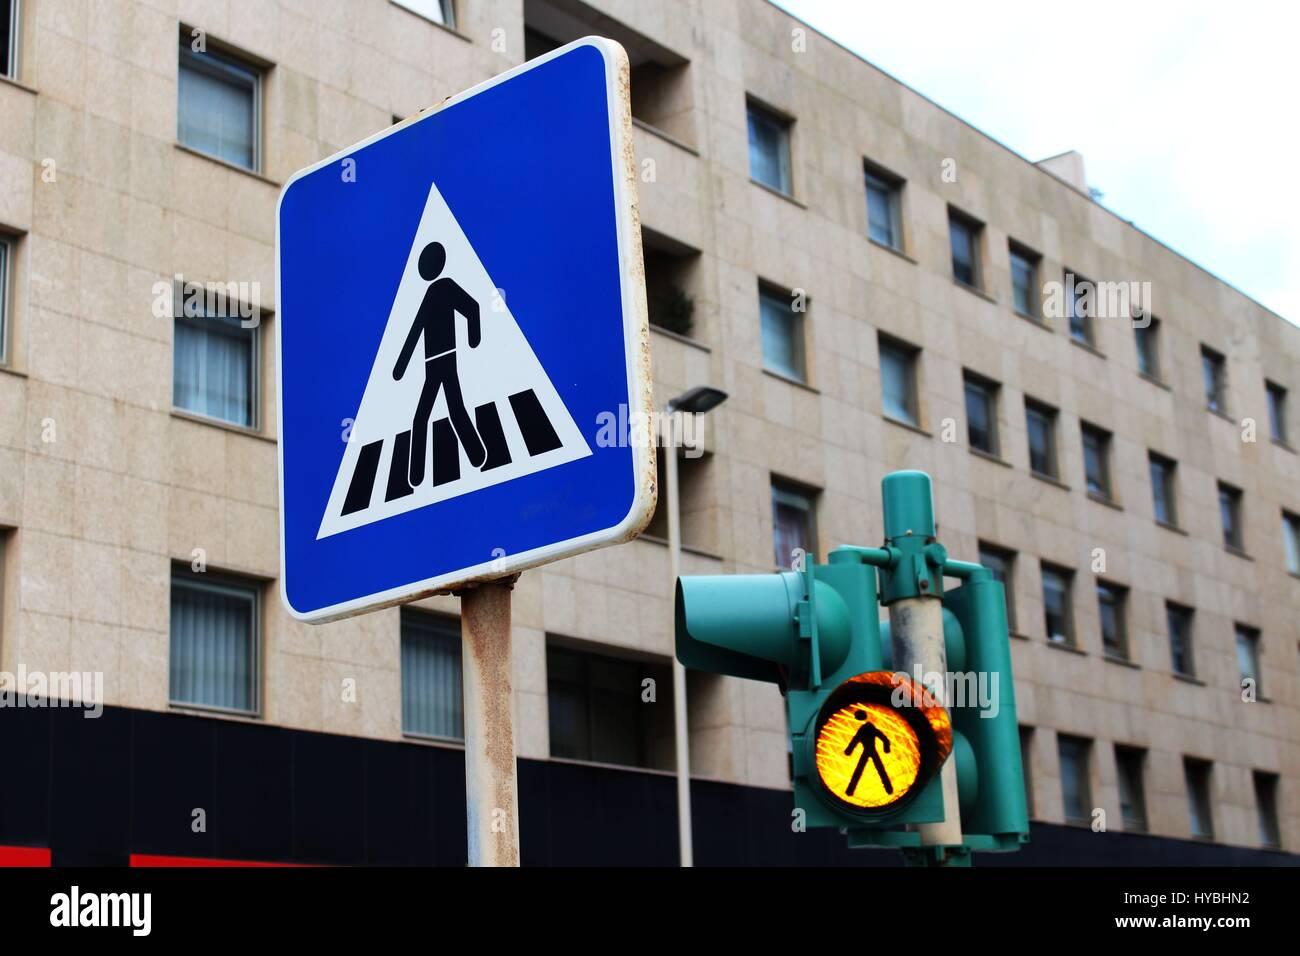 Dos señales de tráfico para los transeúntes antes de una andadera a Roberto Ivens street en Matosinhos, Oporto, Foto de stock